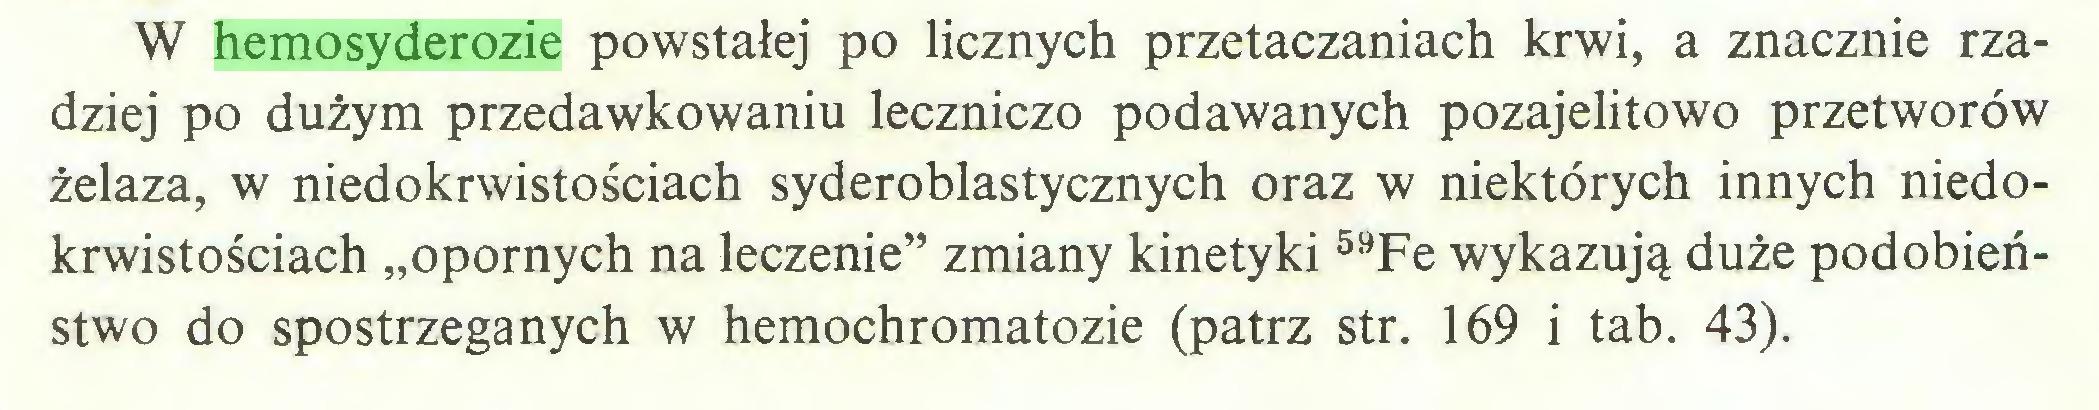 """(...) W hemosyderozie powstałej po licznych przetaczaniach krwi, a znacznie rzadziej po dużym przedawkowaniu leczniczo podawanych pozajelitowo przetworów żelaza, w niedokrwistościach syderoblastycznych oraz w niektórych innych niedokrwistościach """"opornych na leczenie"""" zmiany kinetyki 59Fe wykazują duże podobieństwo do spostrzeganych w hemochromatozie (patrz str. 169 i tab. 43)..."""